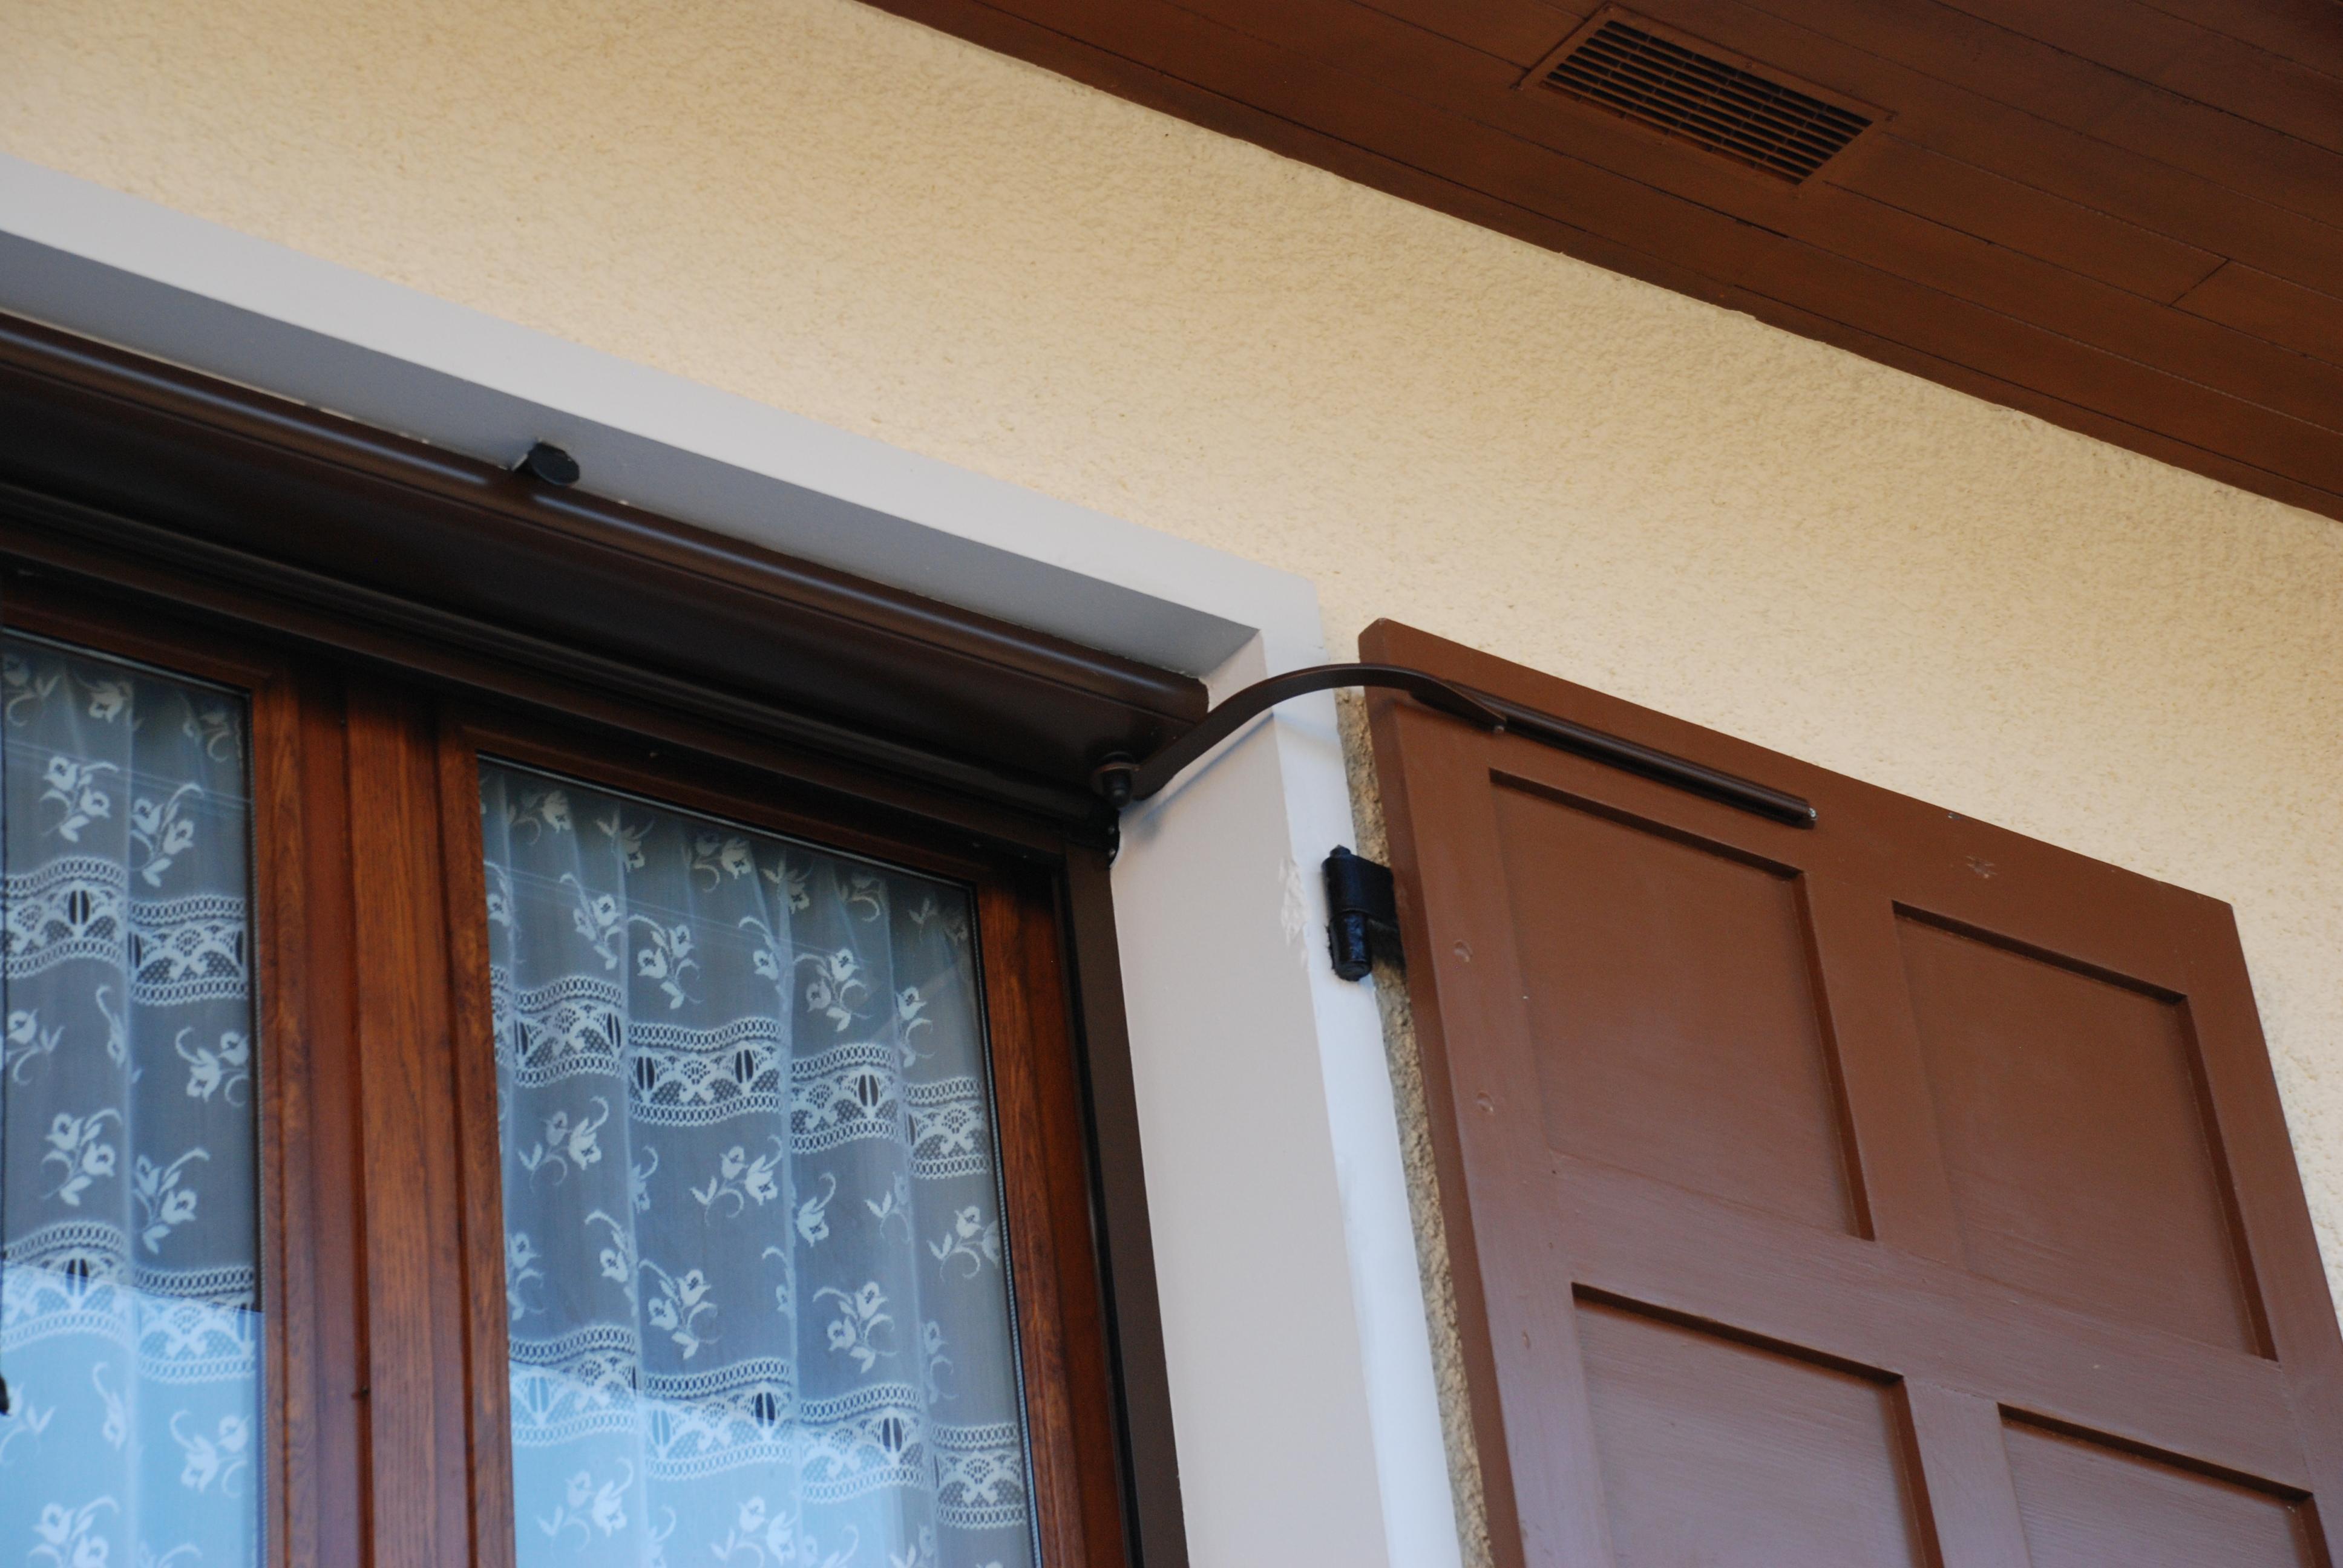 Volet battant avec automatisme dans une maison en Savoie